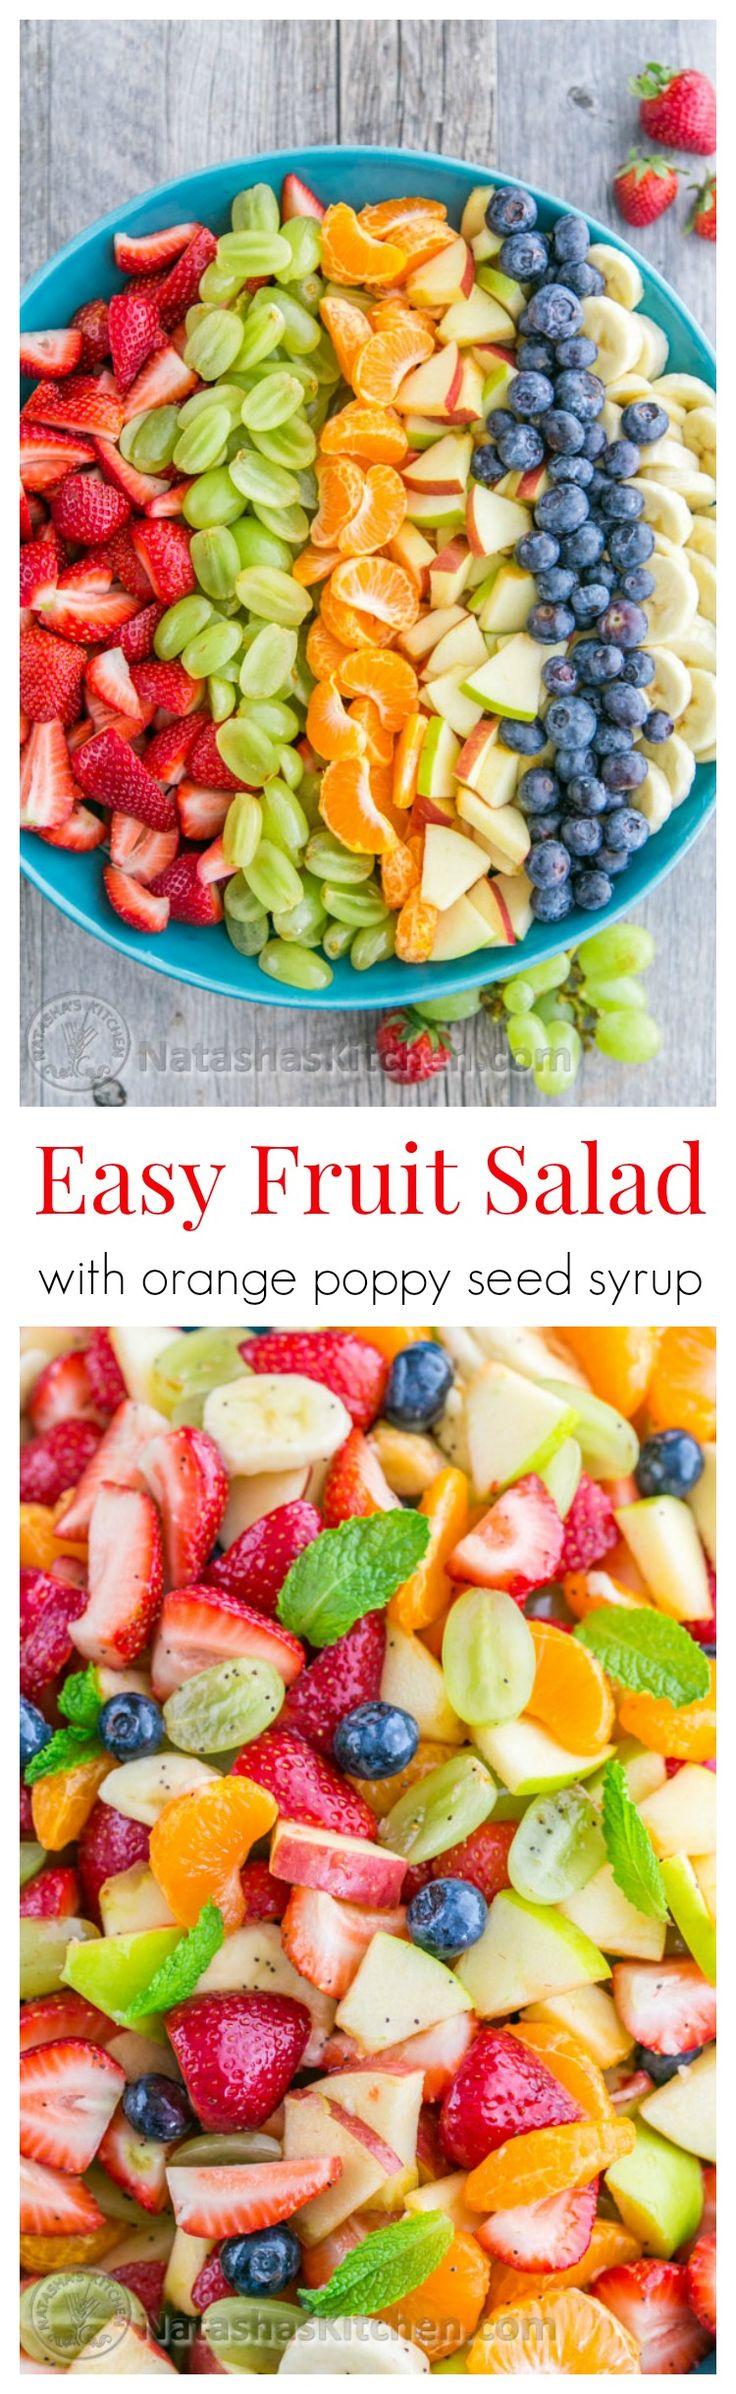 Bet this is delish...Fruit Salad with Orange Poppy Seed Syrup @natashaskitchen